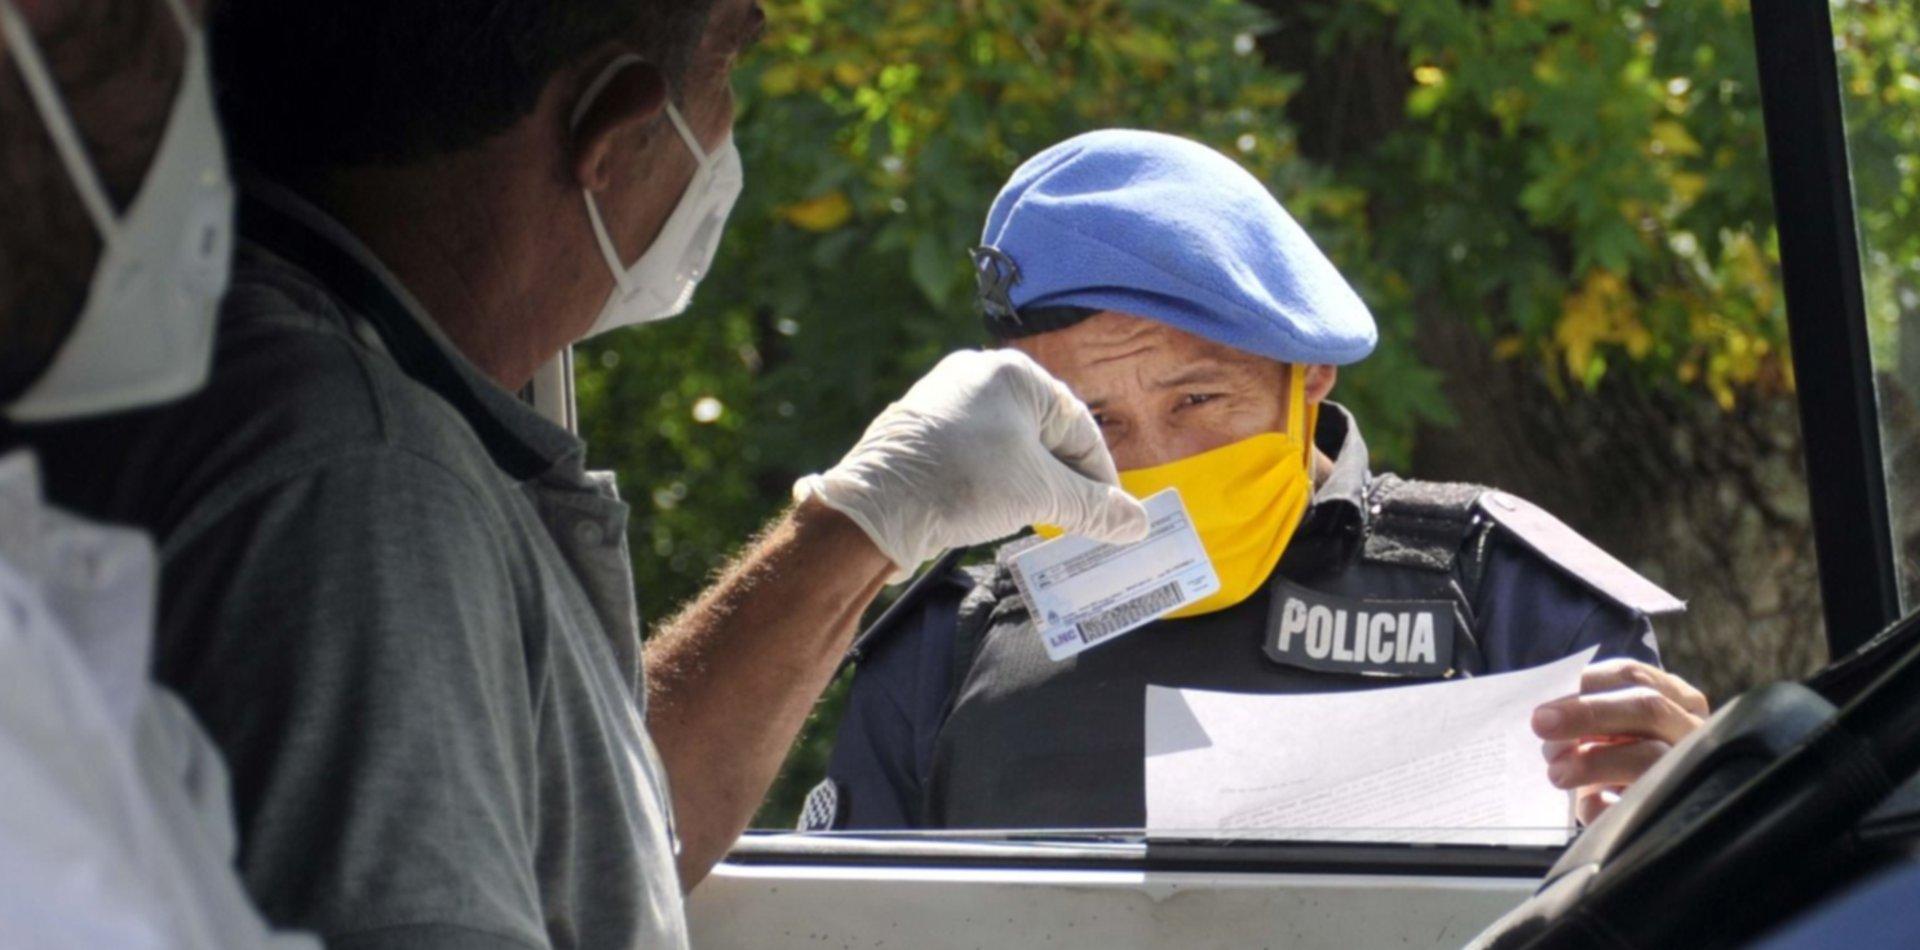 Las fuerzas de seguridad recibirán un bono por los operativos contra el coronavirus